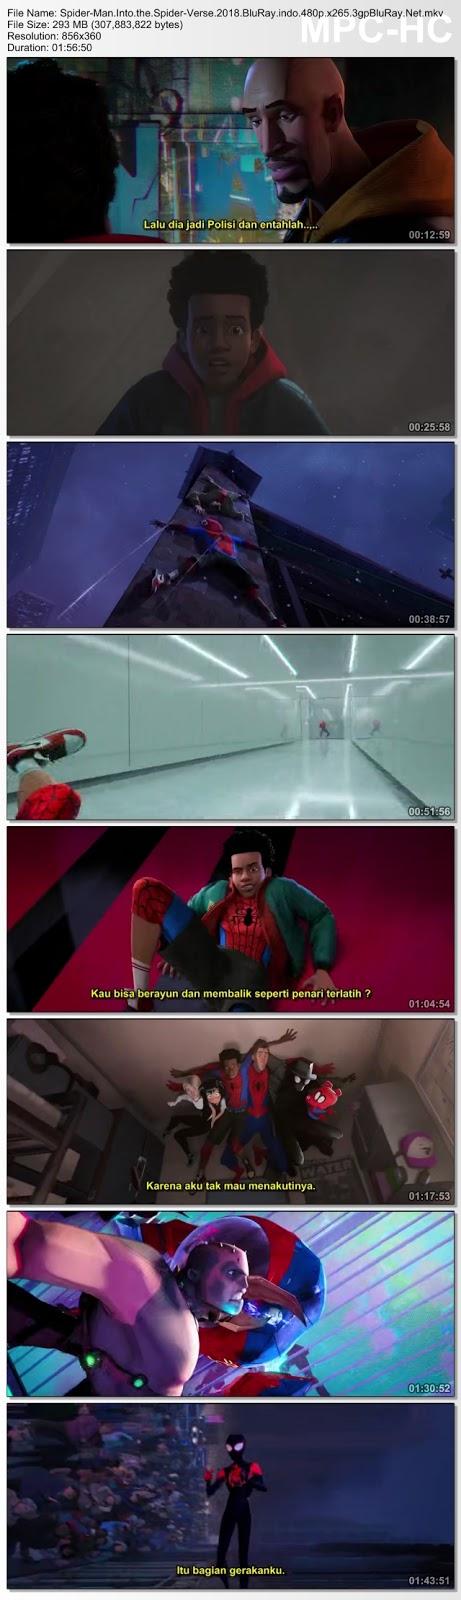 Screenshots Download Человек-паук: Через Вселенные (2018)